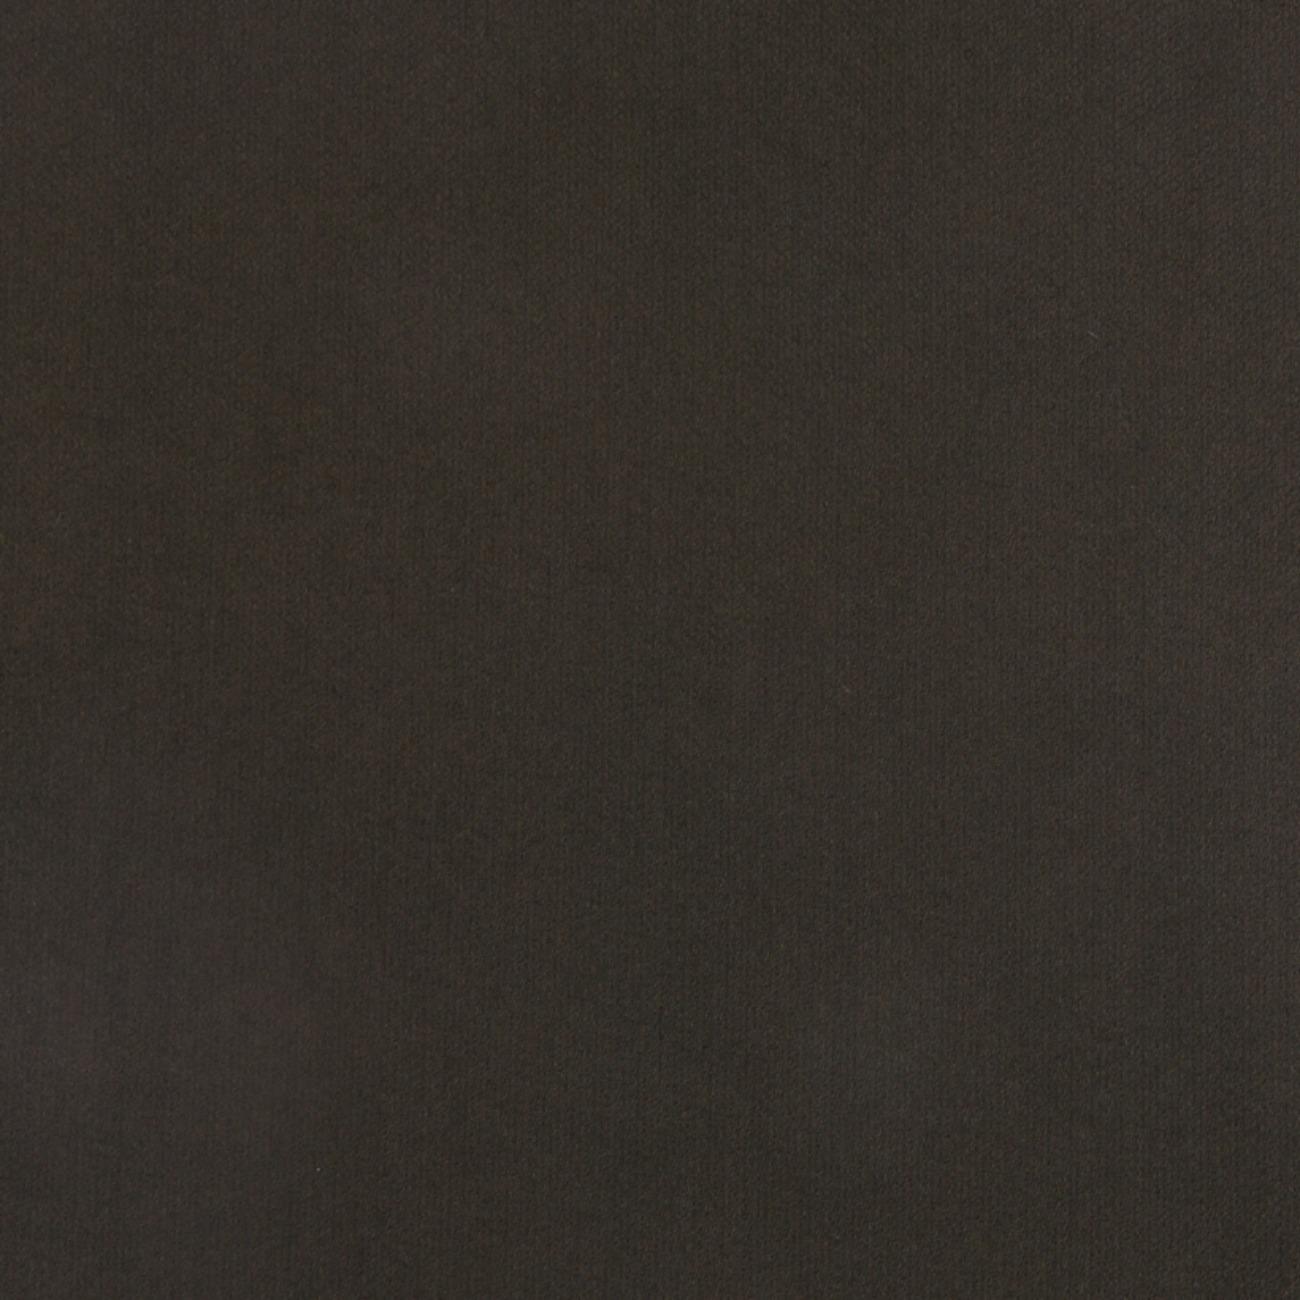 期货秋冬款针织素色无弹面料-外套风衣裤子裙子61219-72